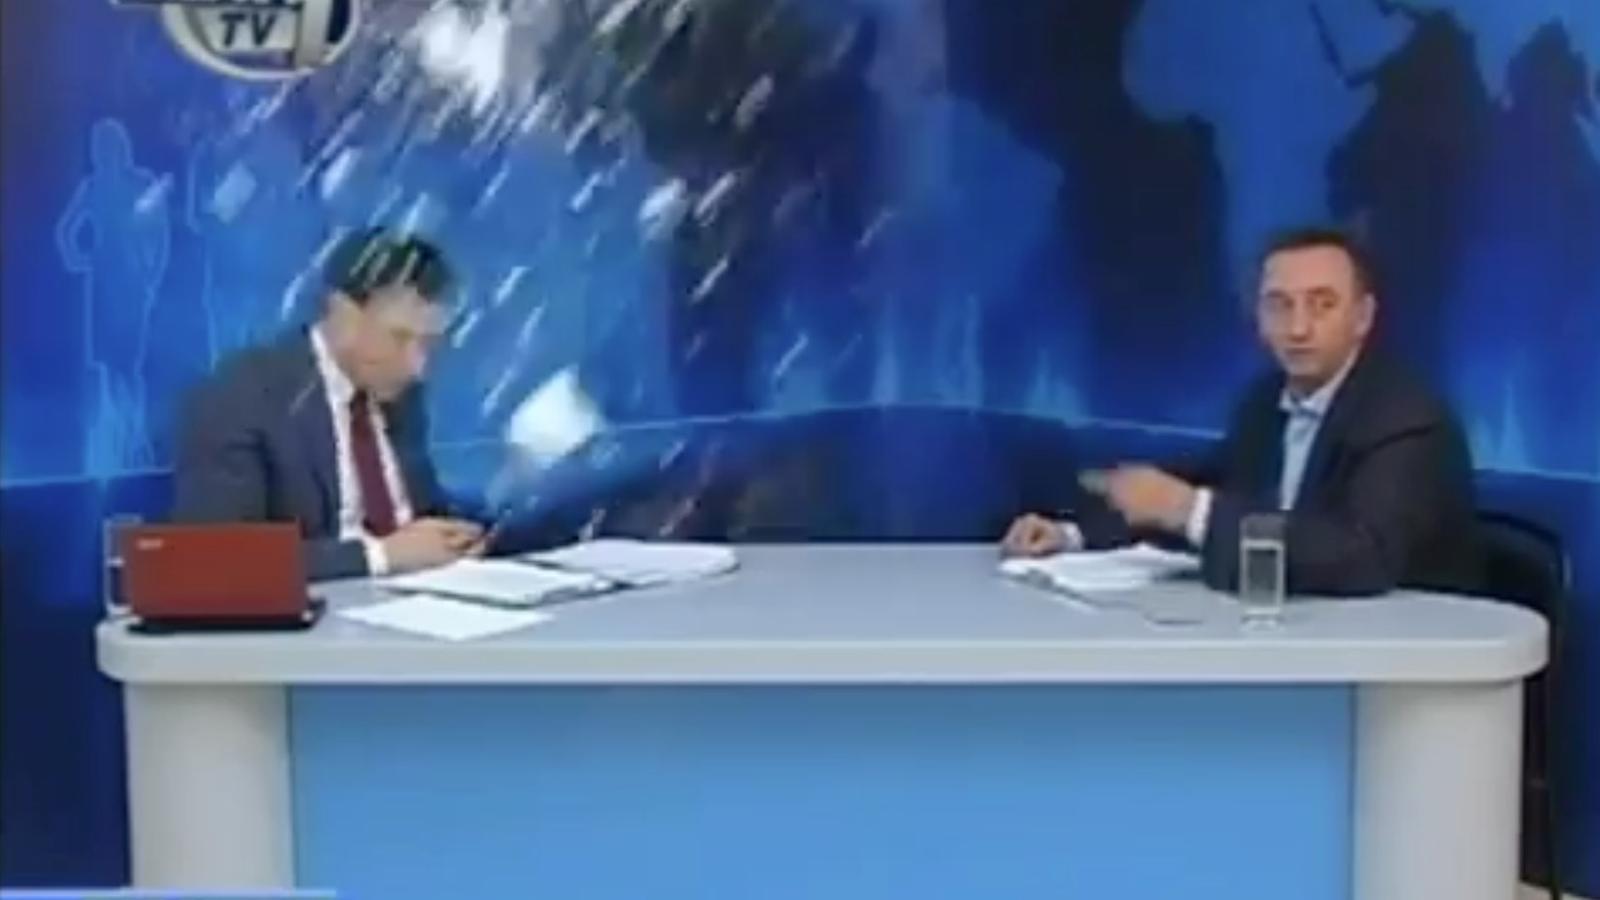 Llancen iogurt i ous a un presentador grec per haver entrevistat el representant del partit neonazi 'Alba Daurada'